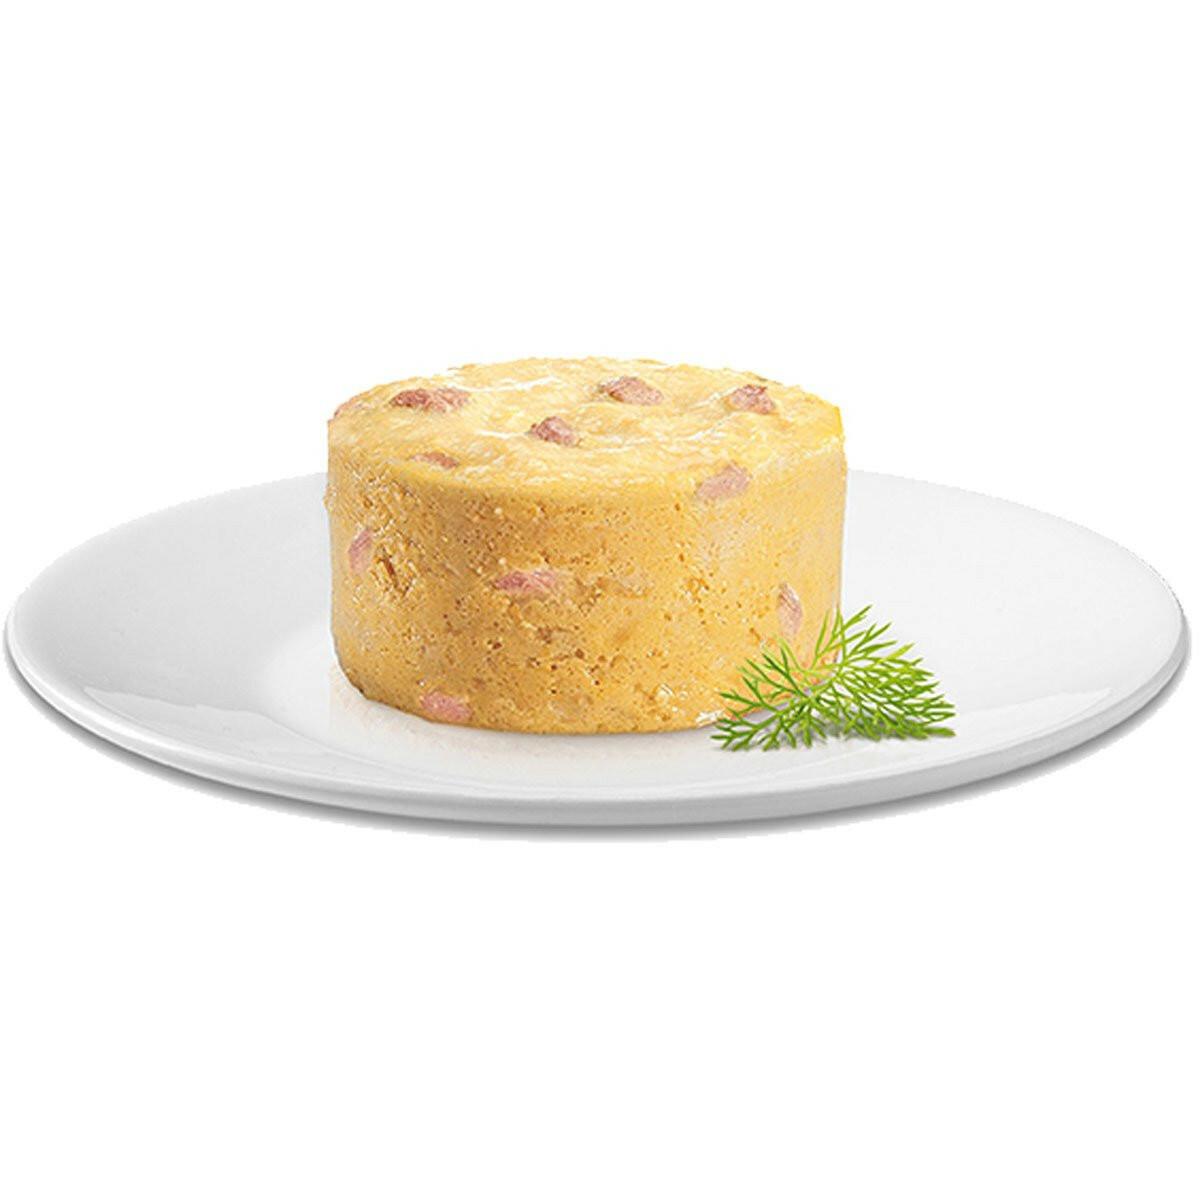 Bild 2 von Gourmet Gold Soufflé Lachs